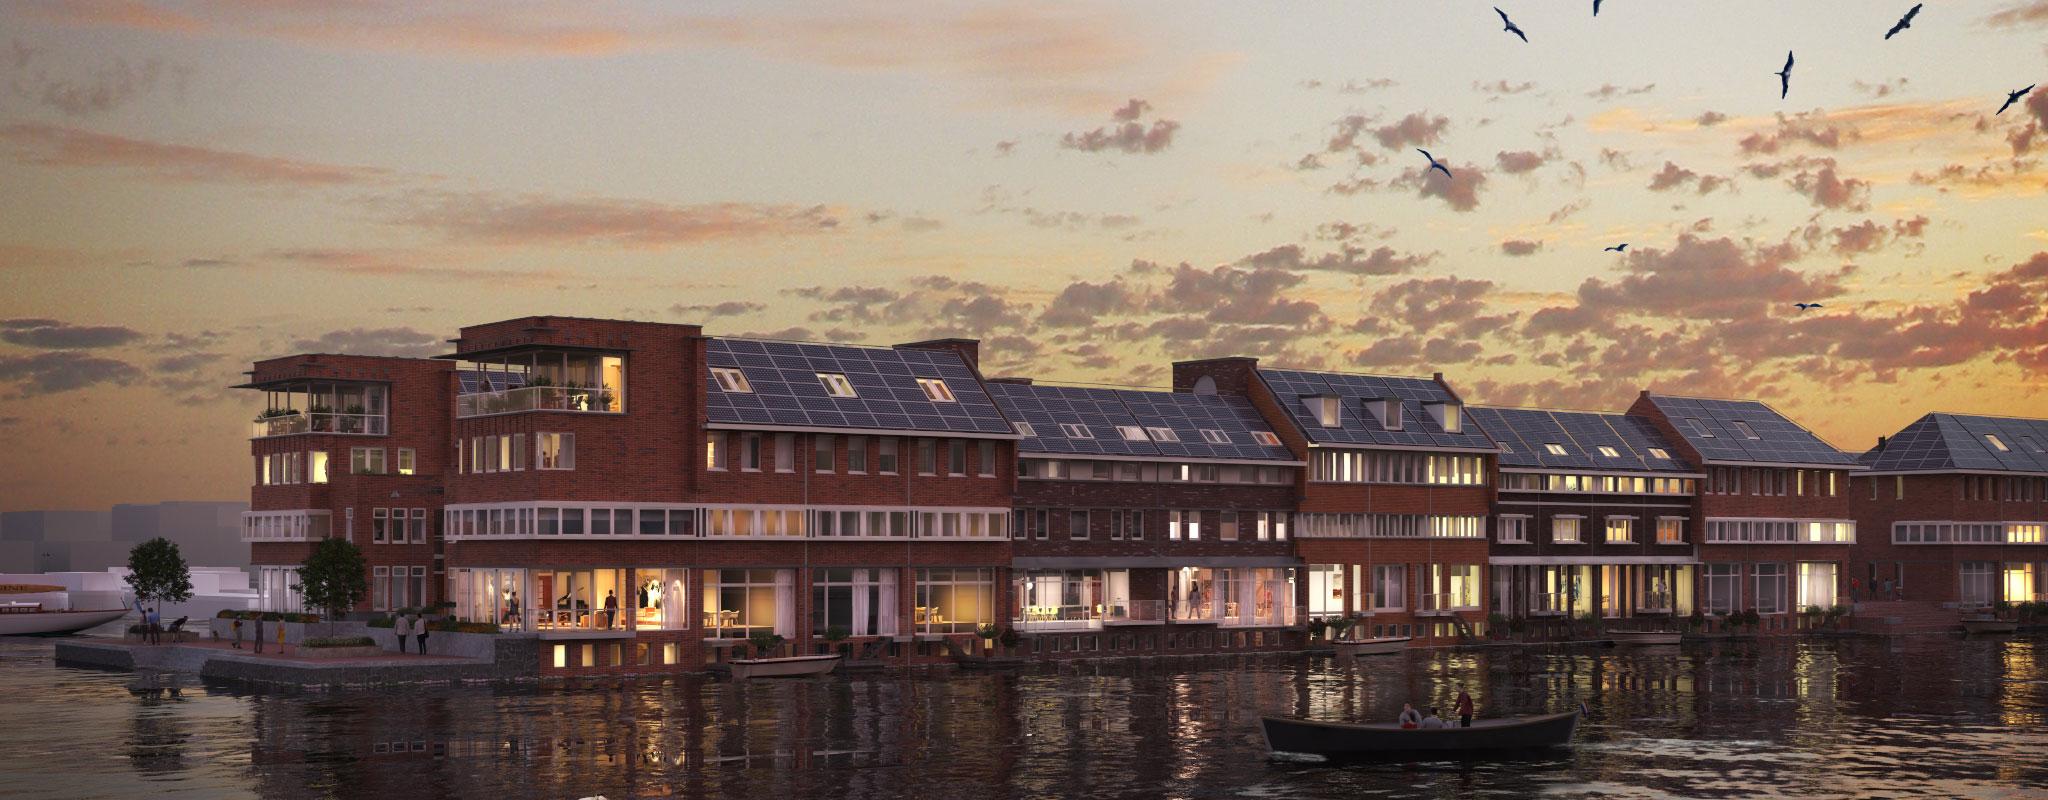 pier 2 Amsterdam - leverancier in gietvloeren